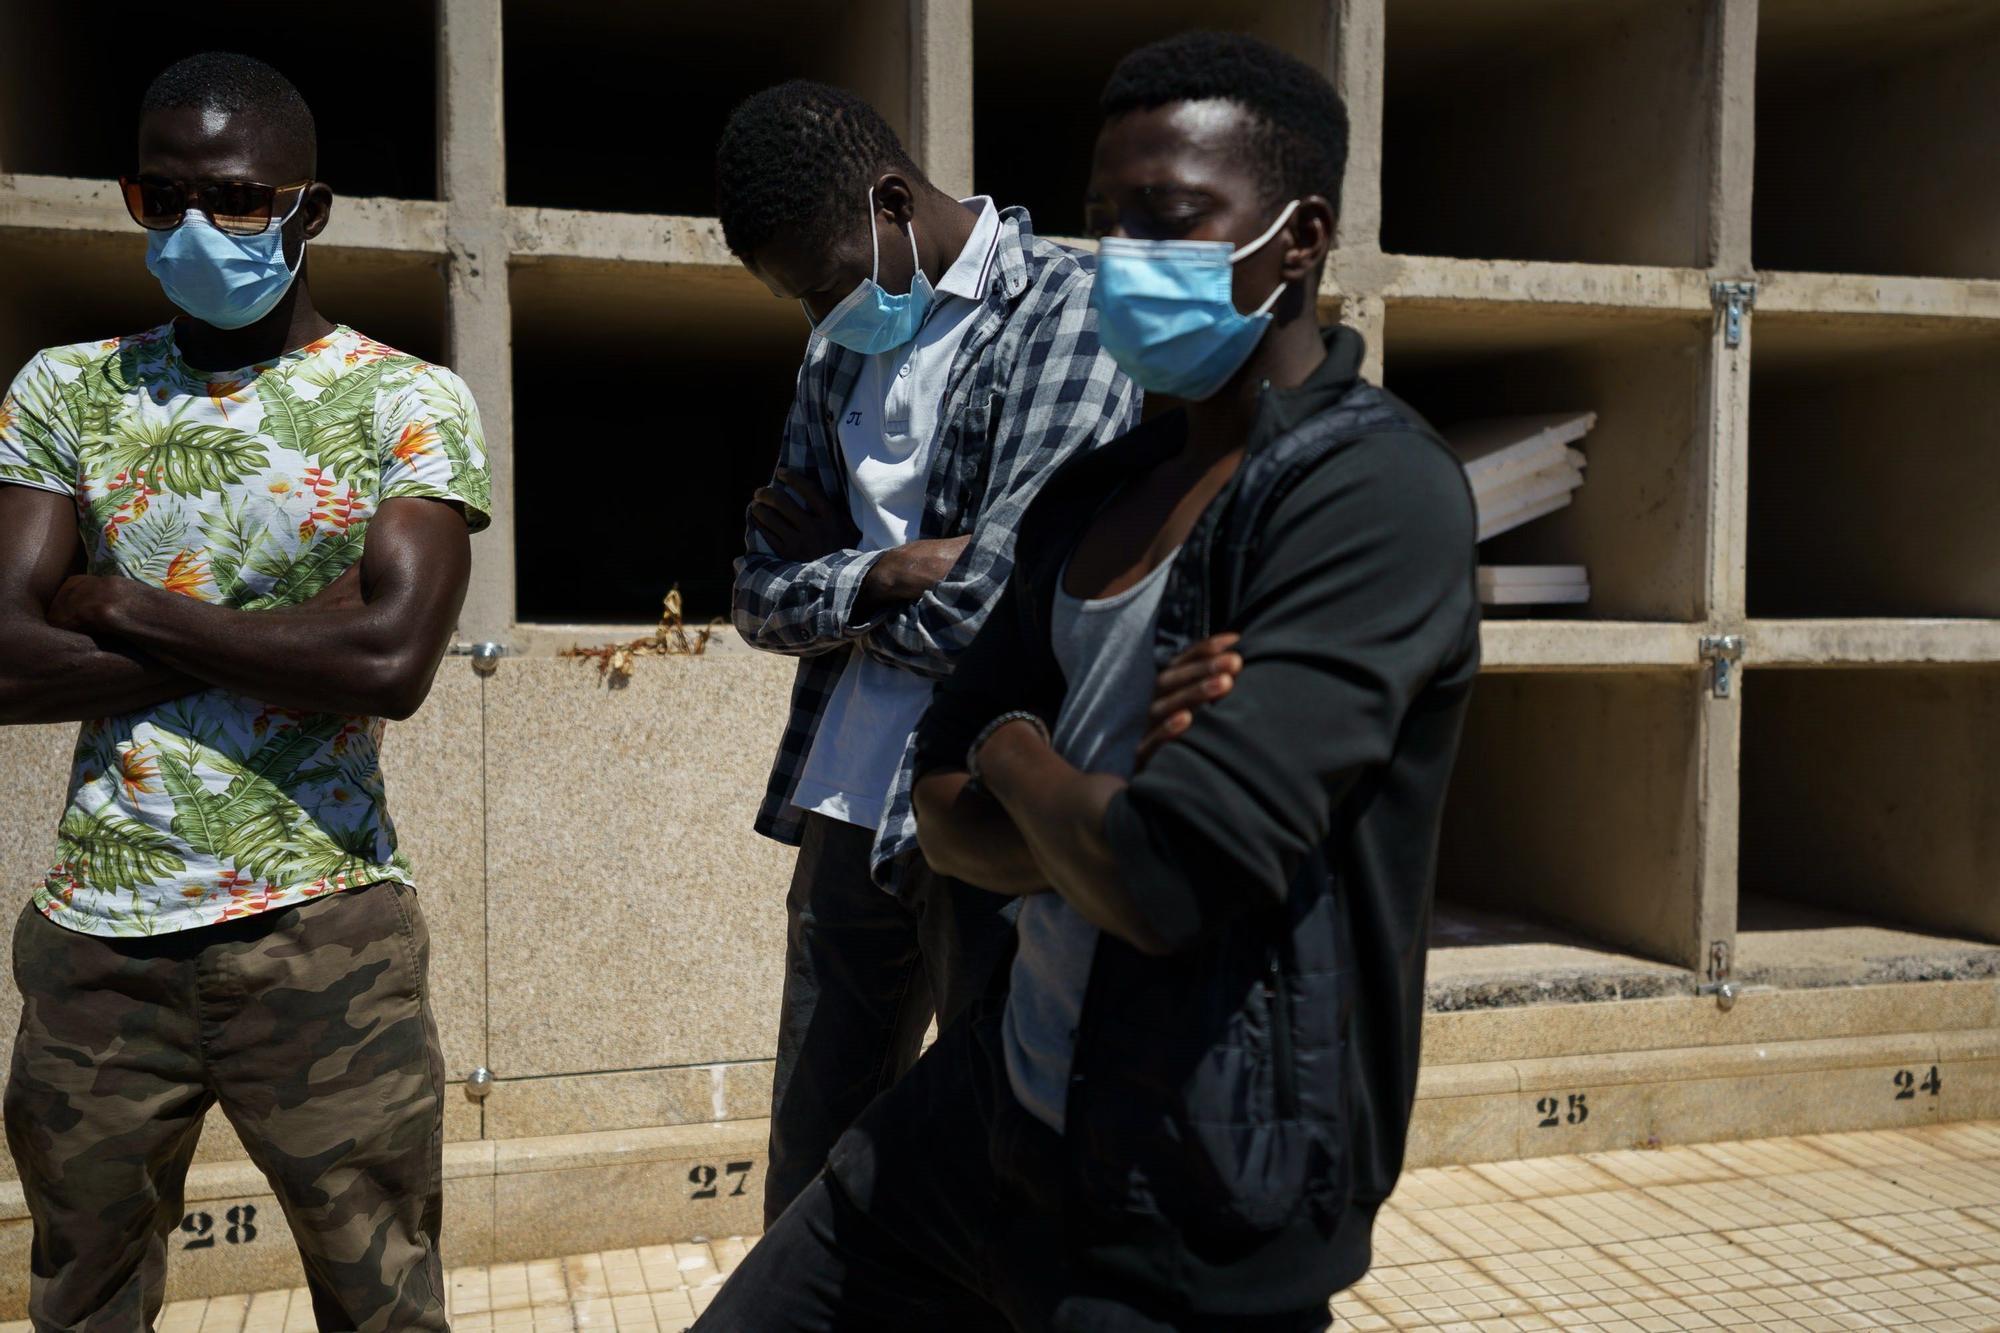 La comunidad maliense rinde homenaje a los fallecidos del cayuco localizado en El Hierro